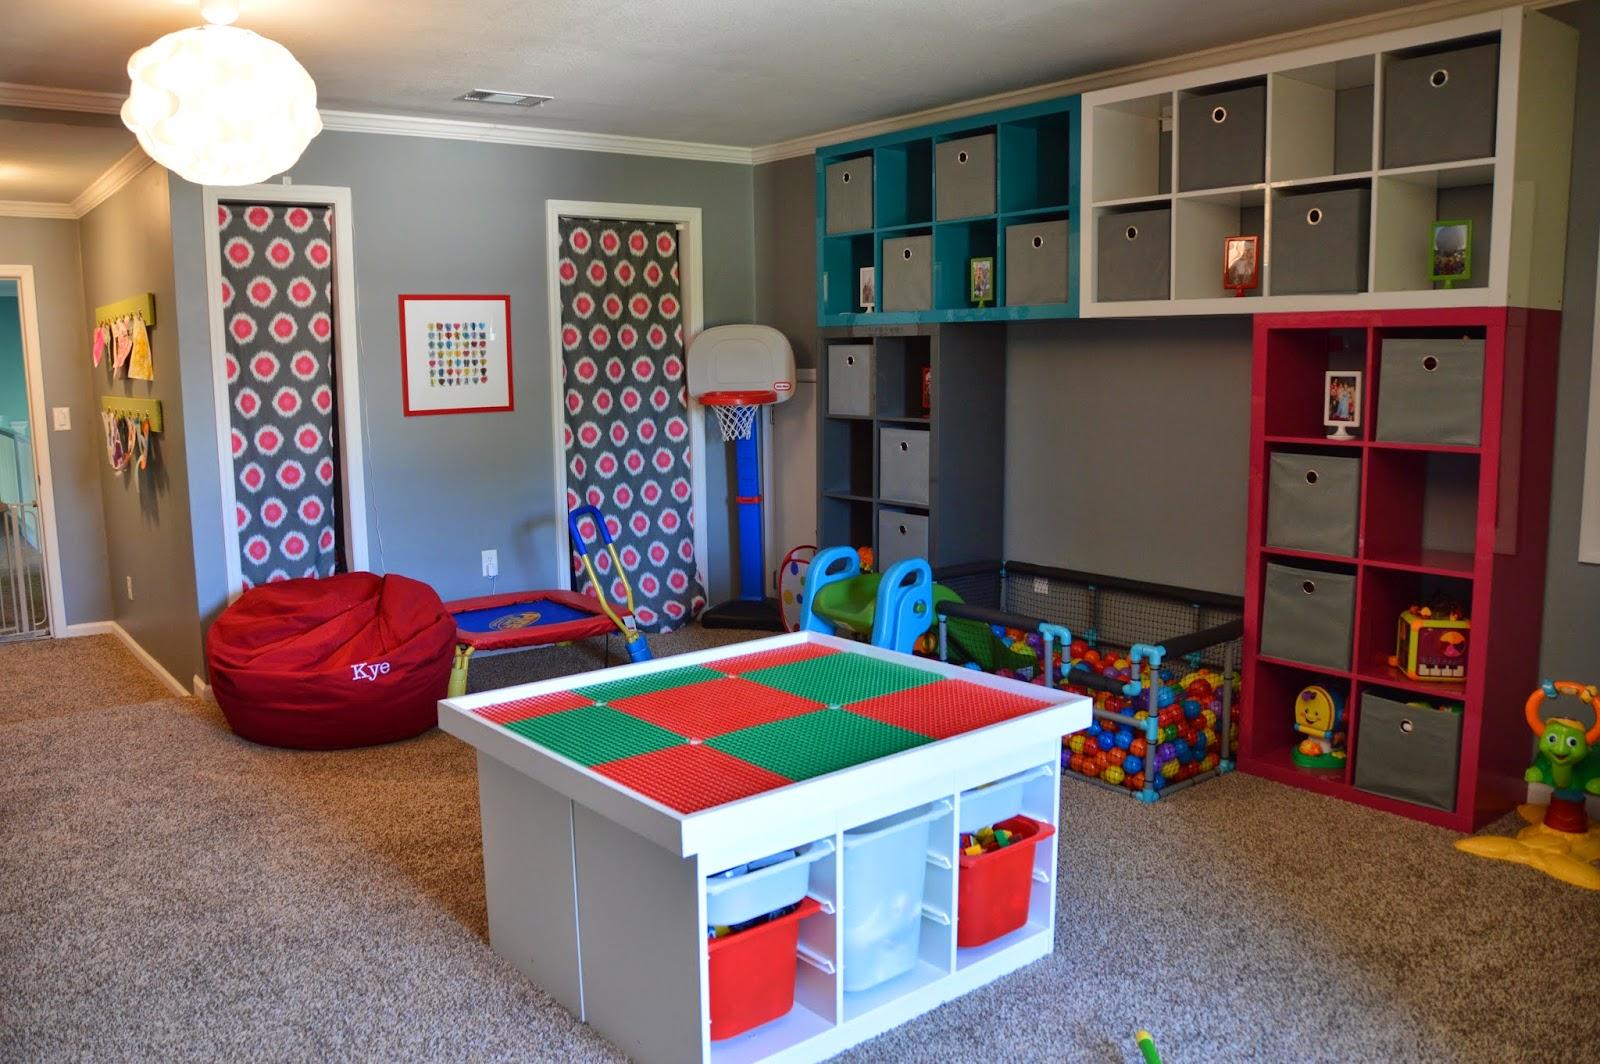 Ikea Malaysia Ein Kinderspielzimmer Mit Ikea Stuva Und Kallax